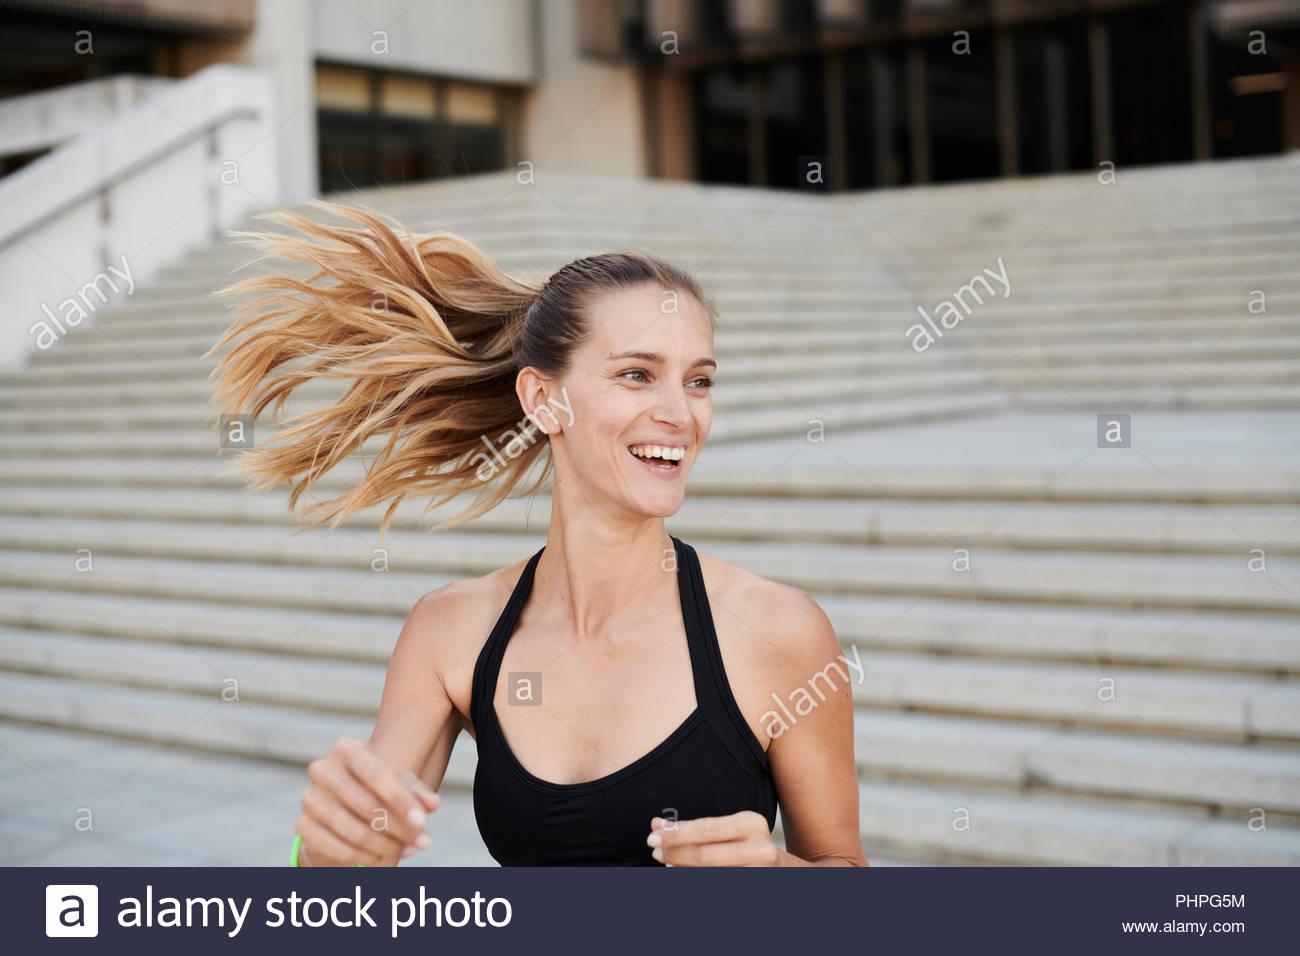 Mujer sonriente con cabello alborotado Imagen De Stock